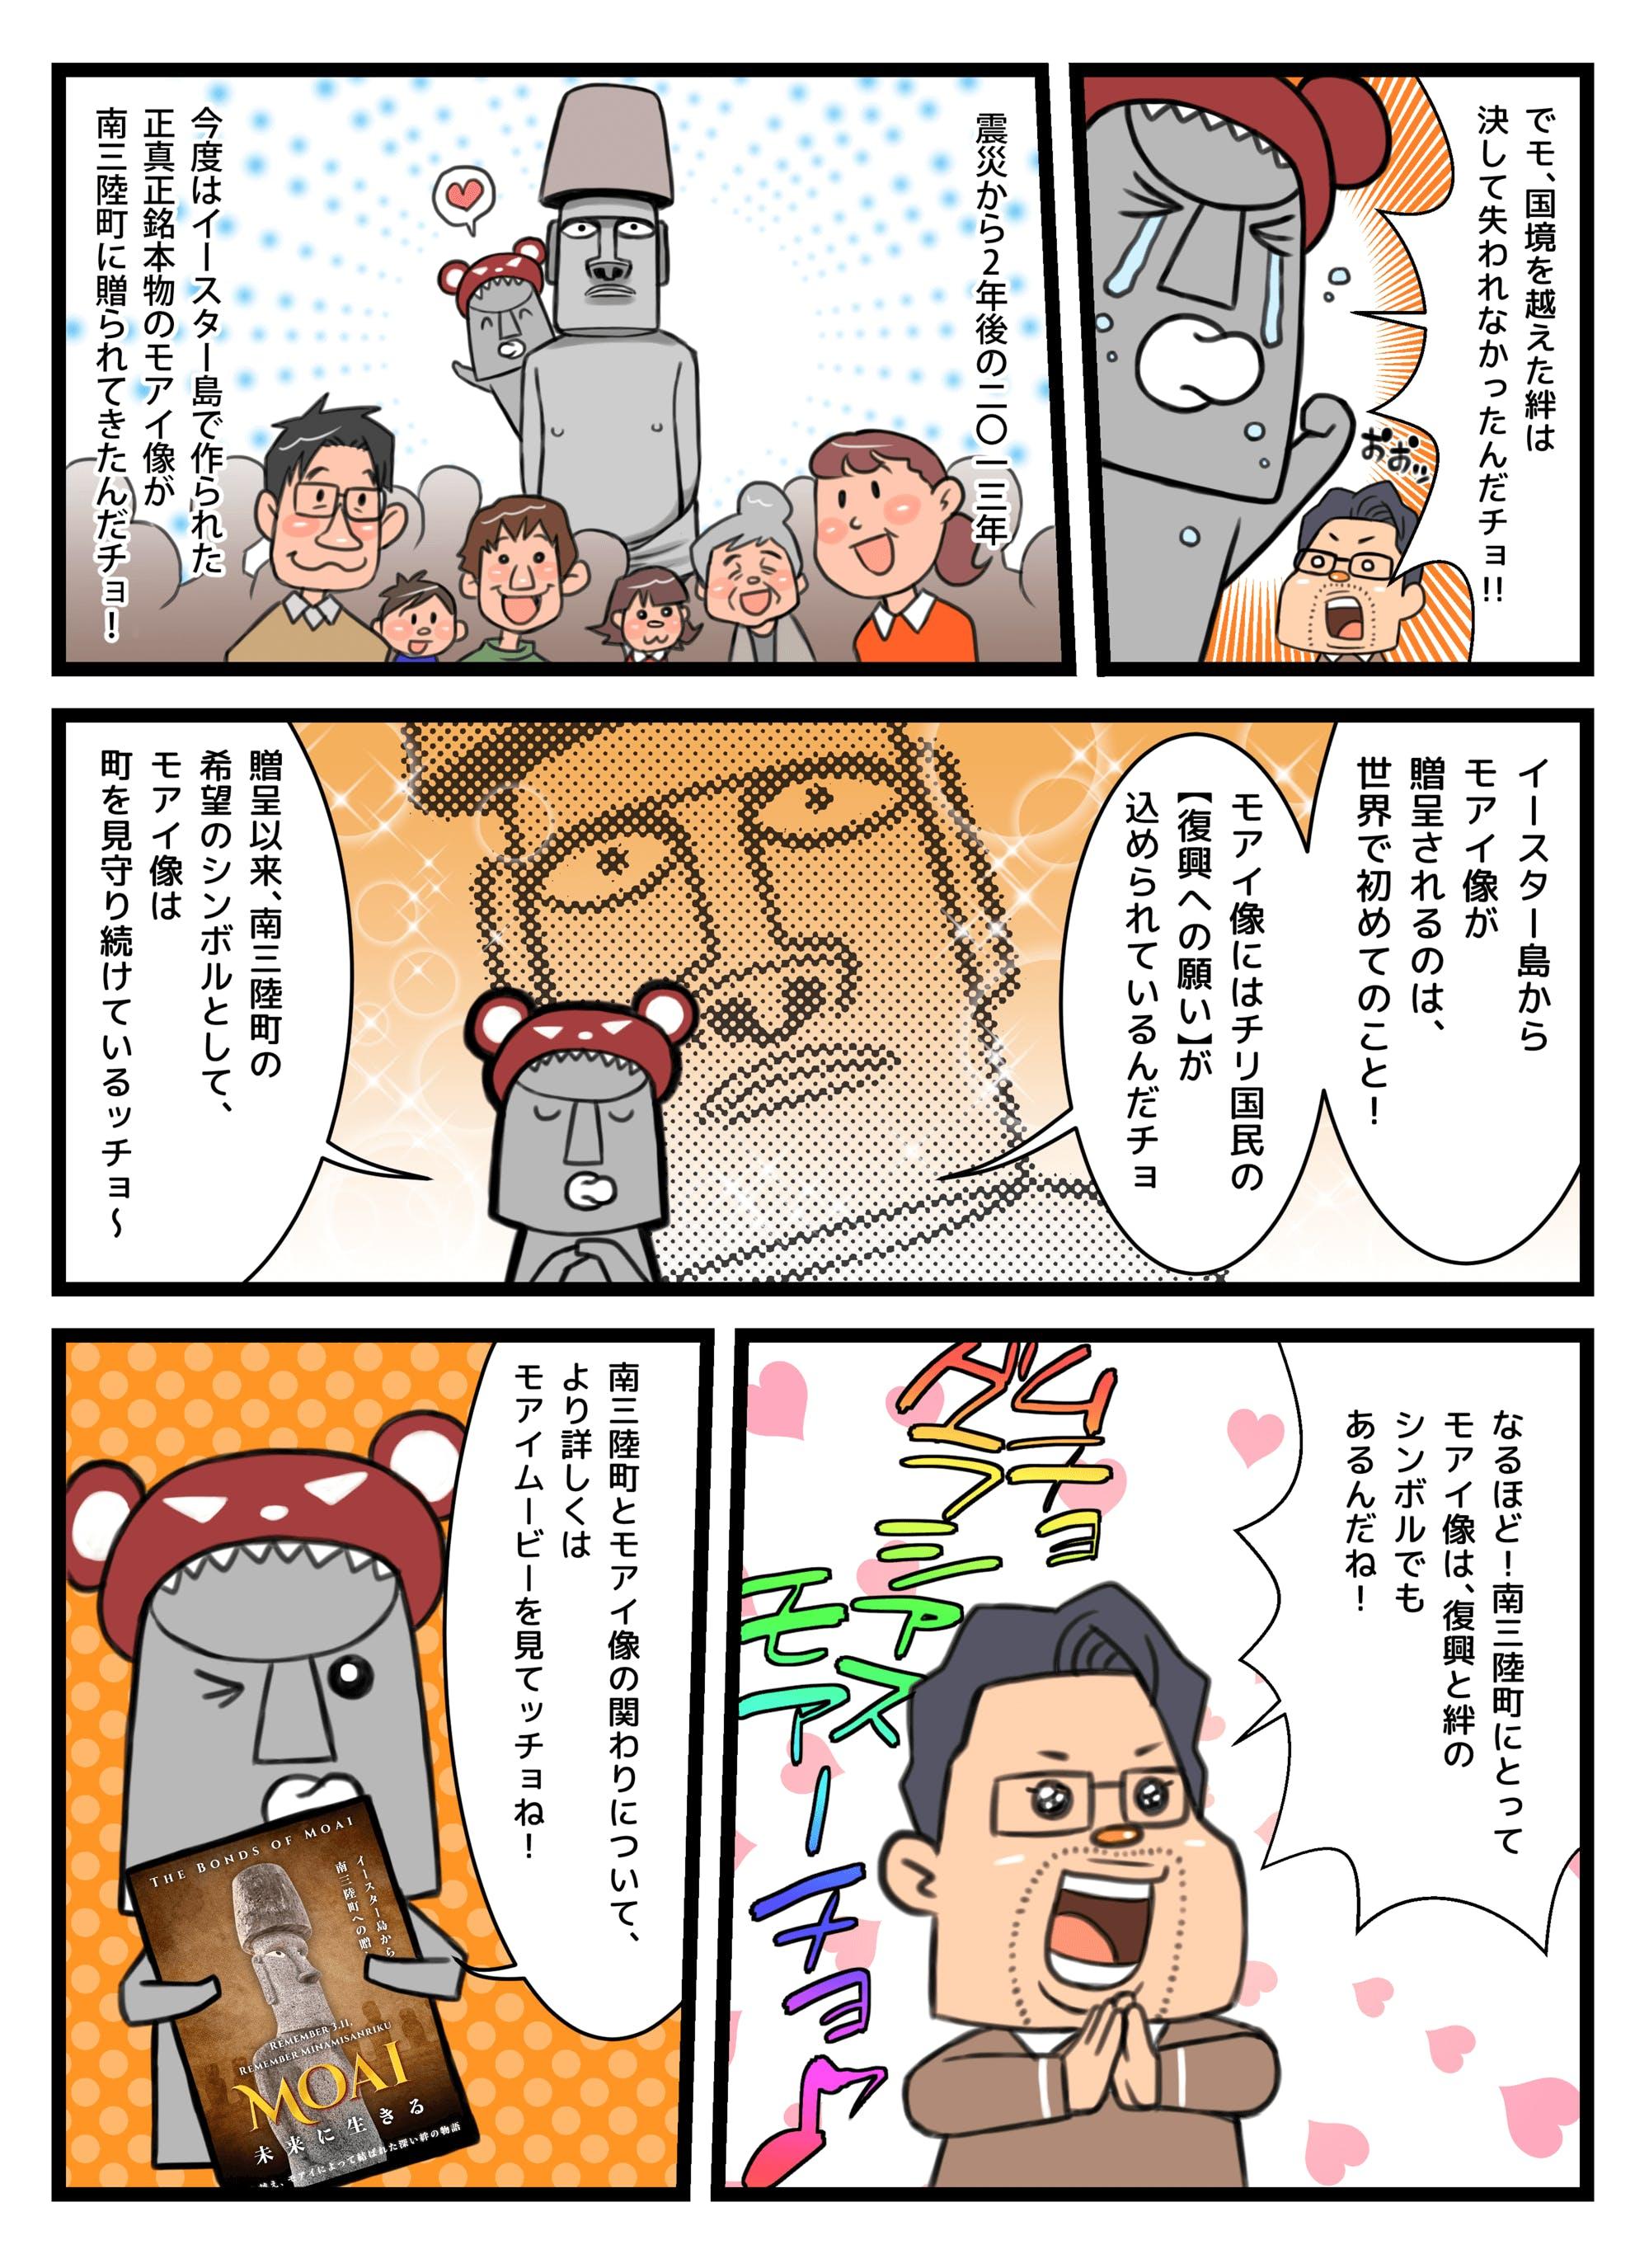 モアイの漫画 02